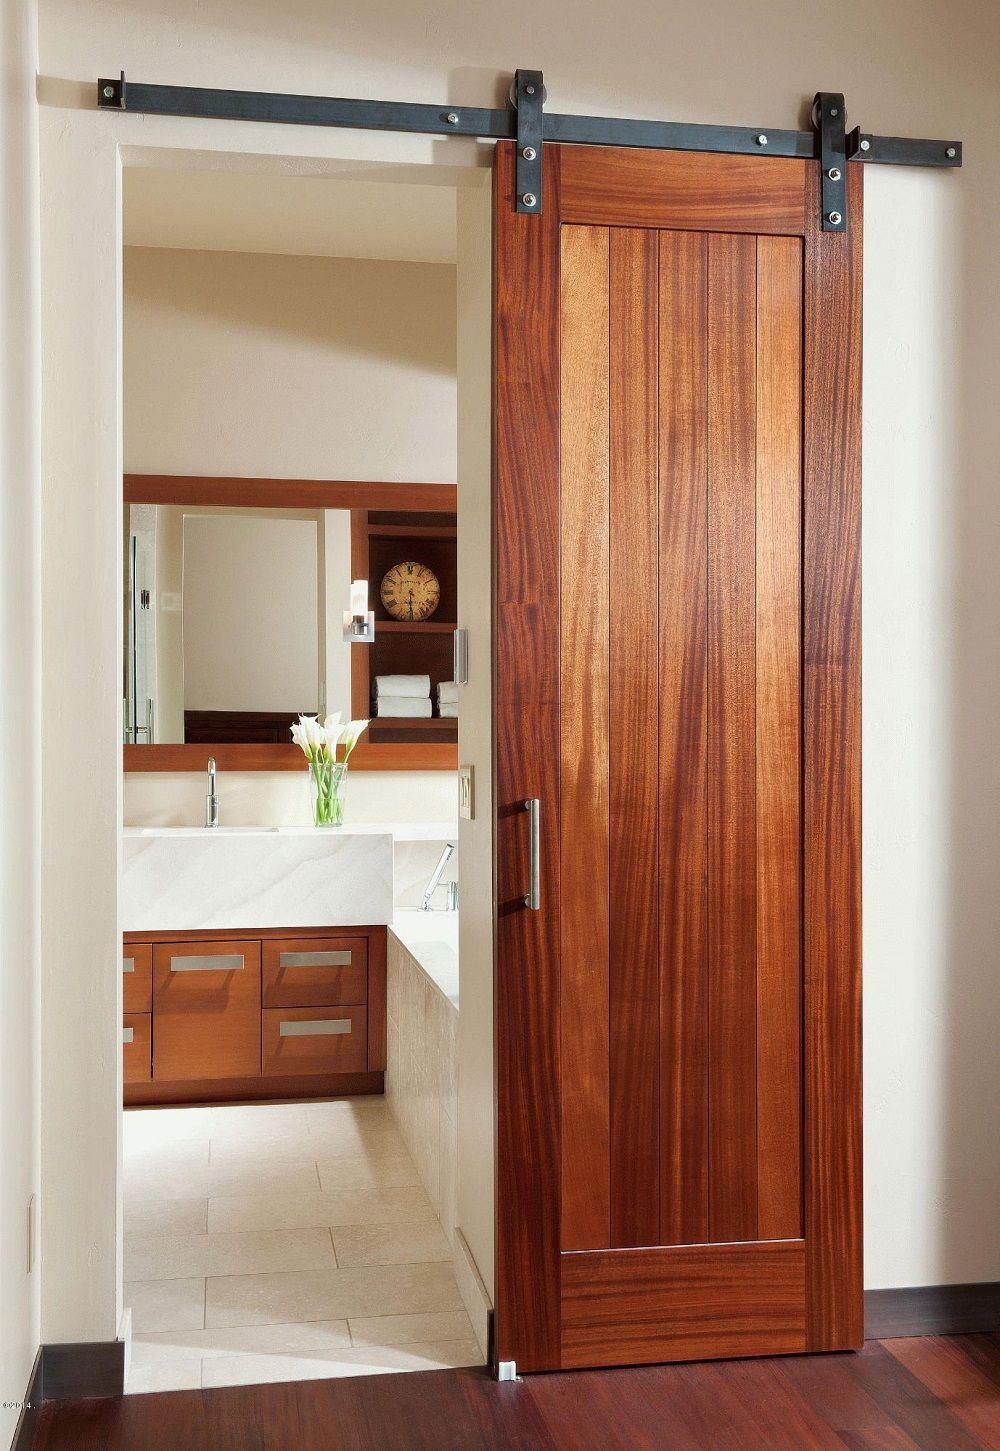 Rustic Style - Barn Door - Modern Industrial | Modern industrial ...